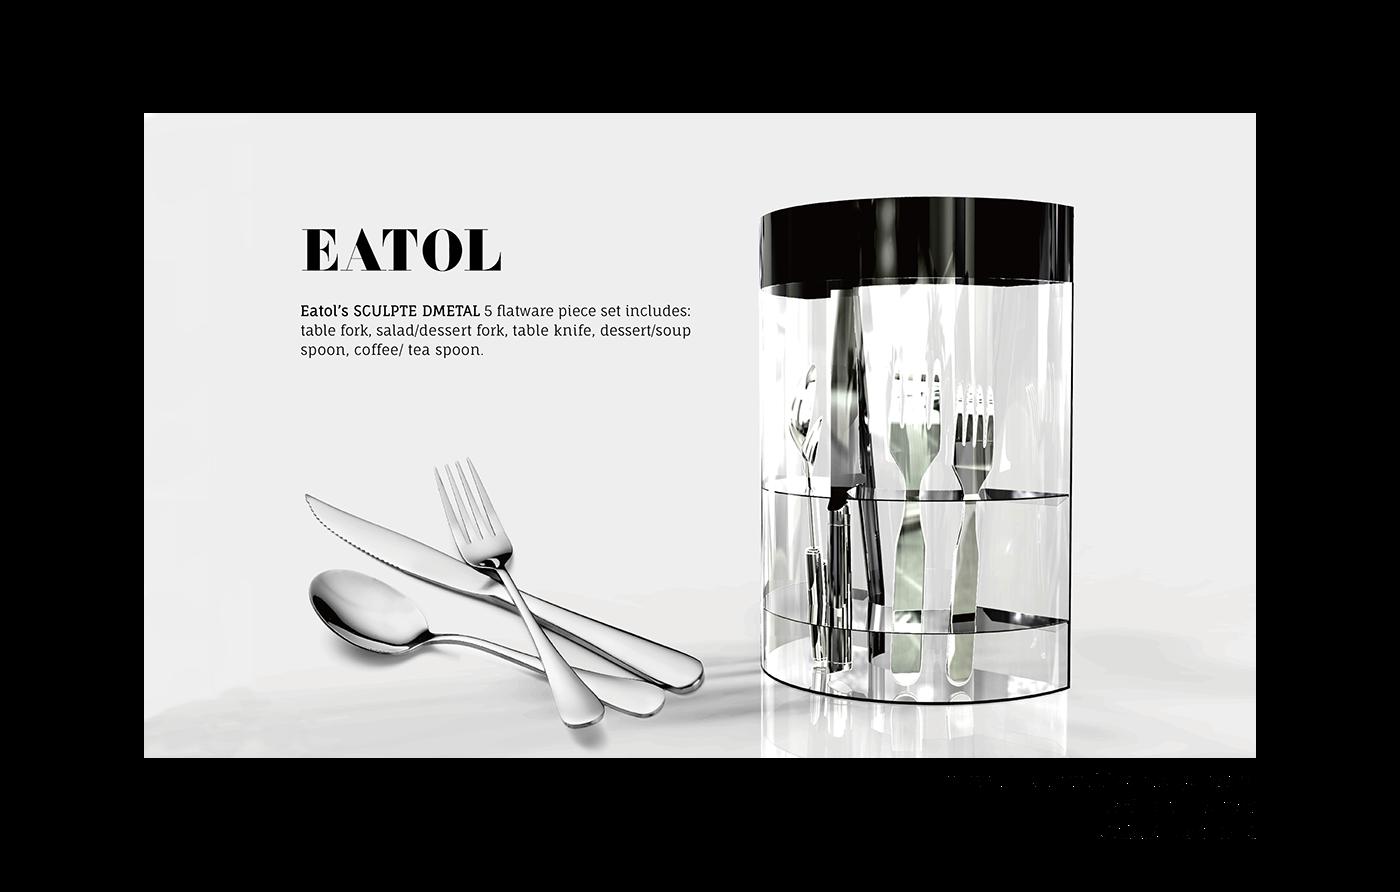 精緻的23個餐具包裝設計欣賞